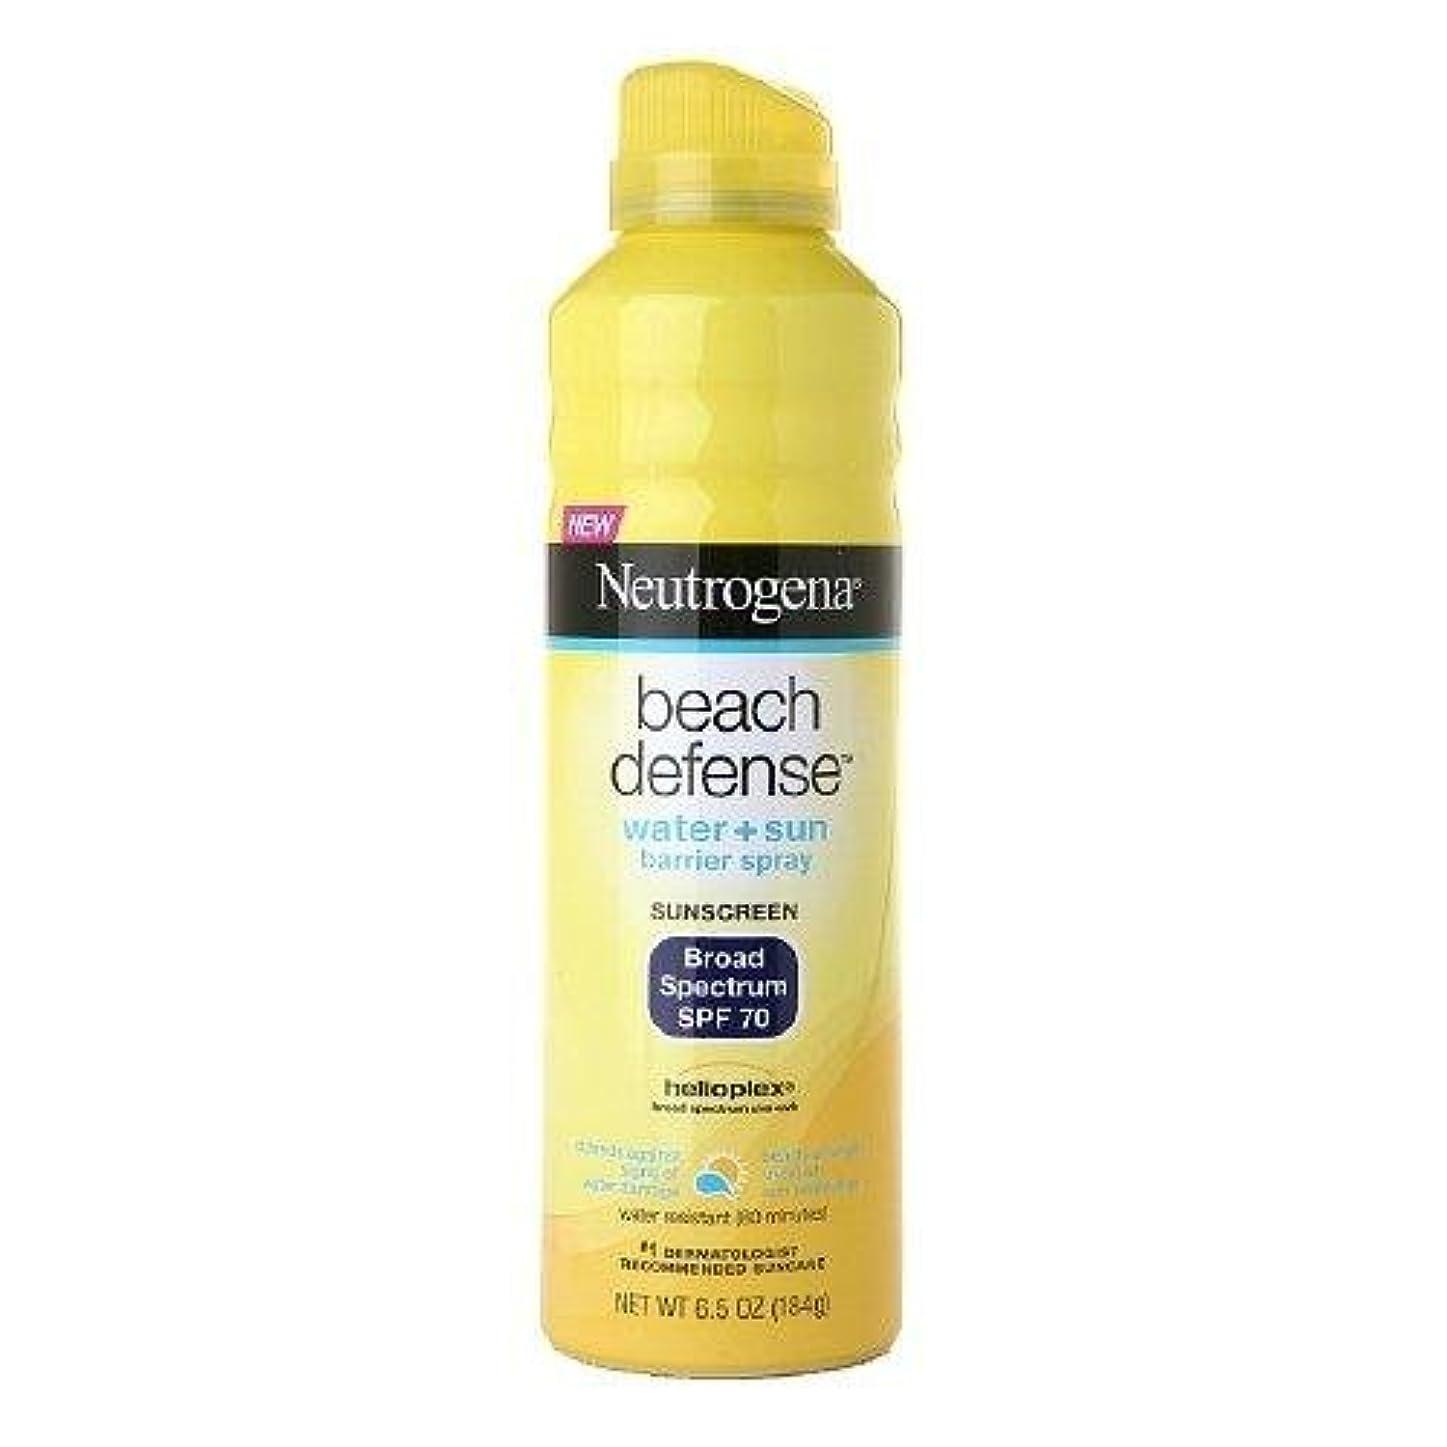 サーバント第開拓者【海外直送品】 ニュートロジーナ 皮膚科推薦 日焼け止めスプレー SPF70 184g  Neutrogena Beach Defense Broad Spectrum Sunscreen Spray, SPF 70,...